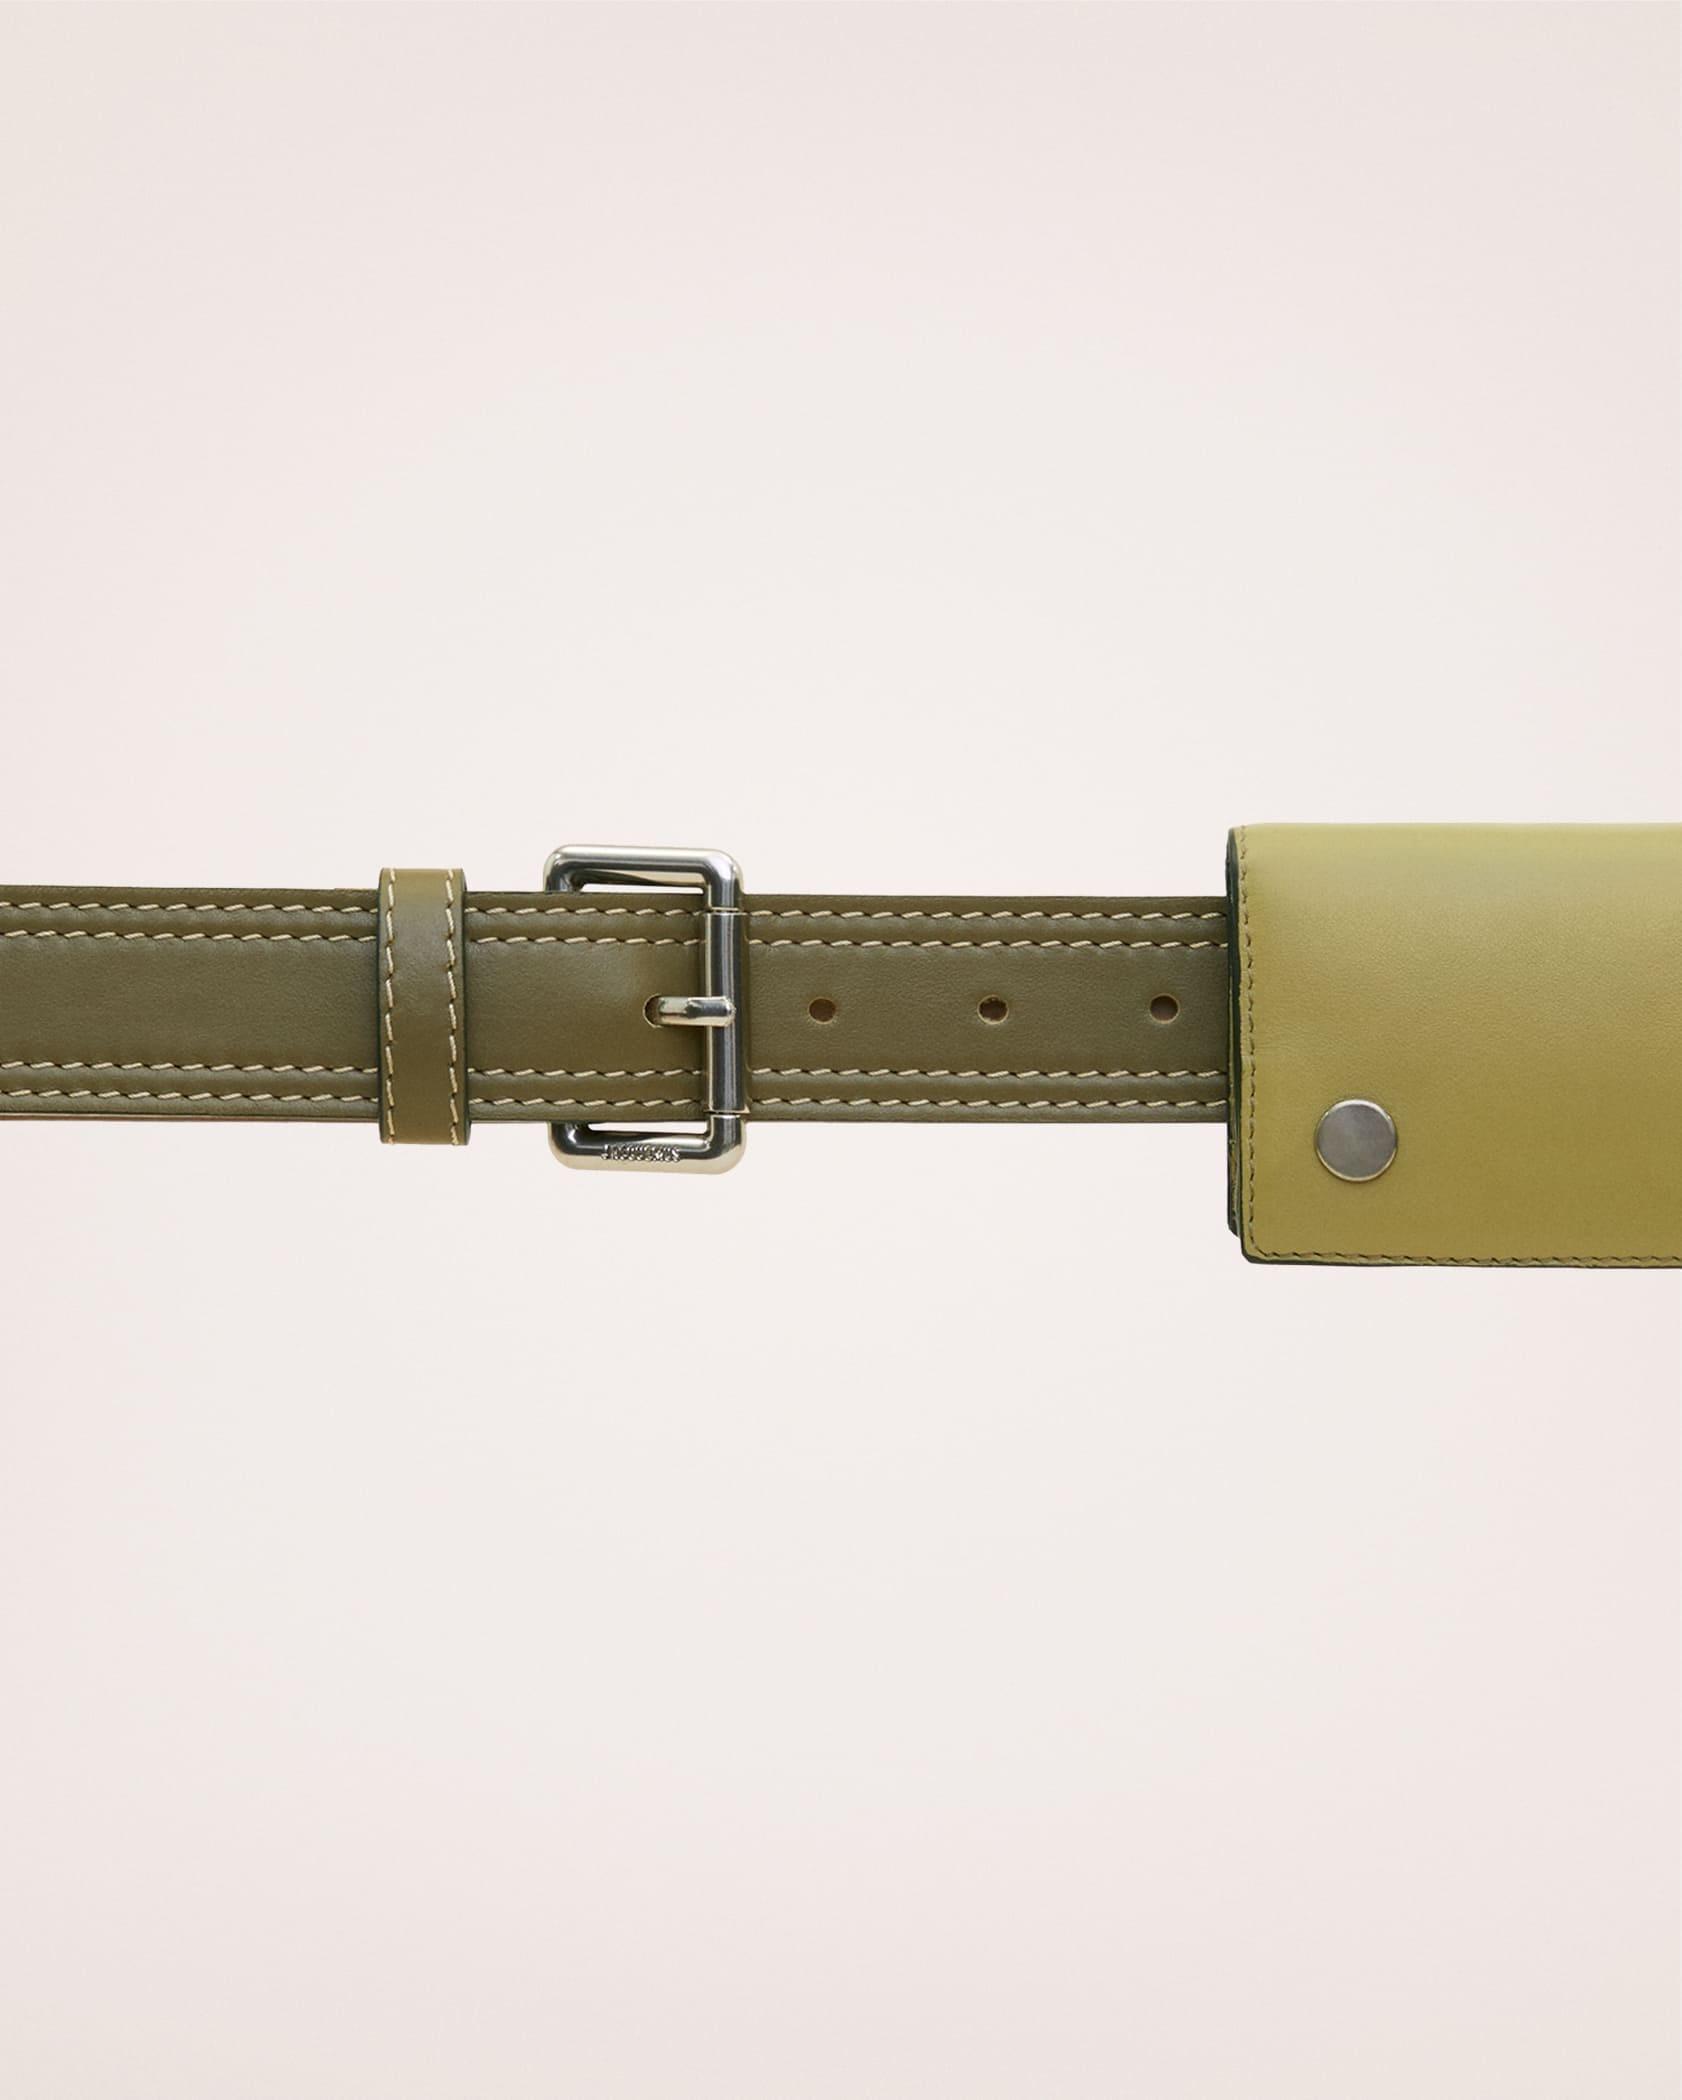 La ceinture Olive